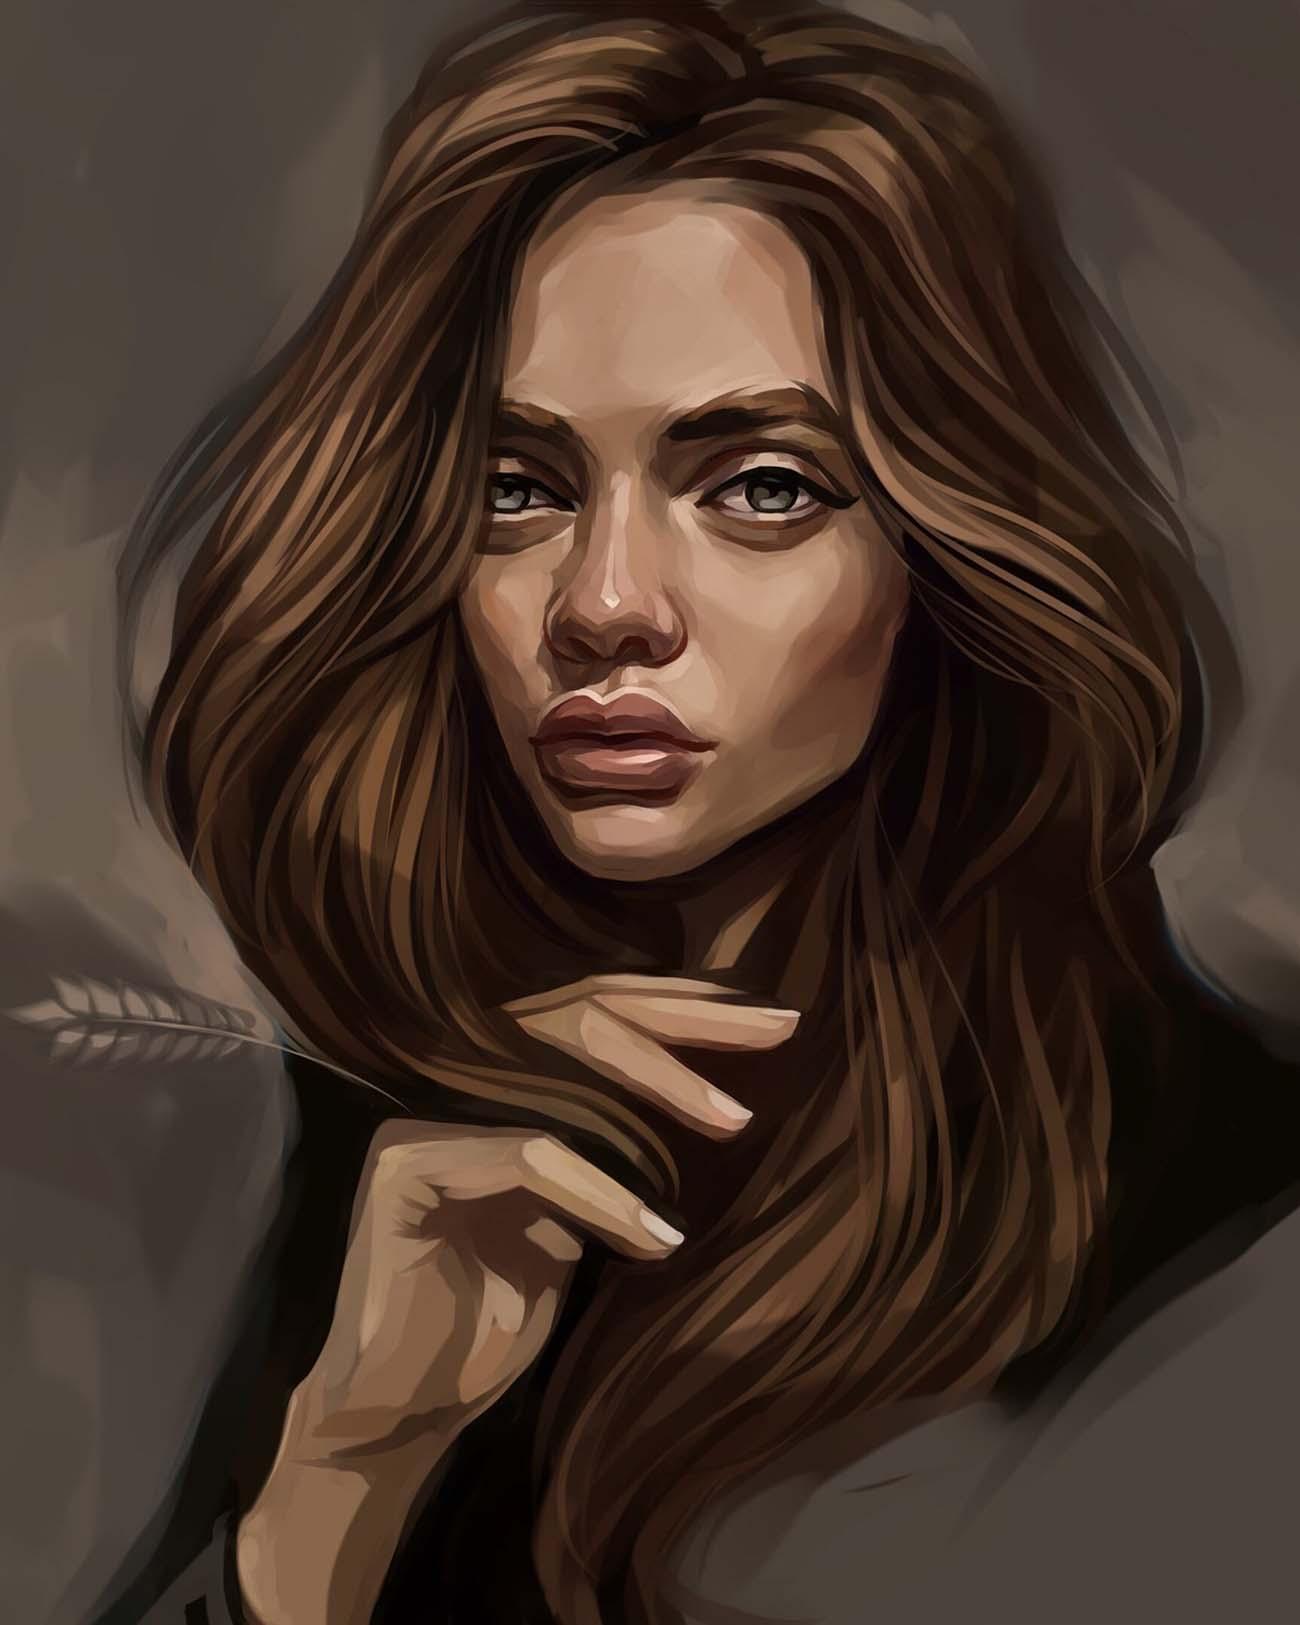 Still Dox | Paintable.cc Digital Painting Inspiration - Learn the Art of Digital Painting! #digitalpainting #digitalart